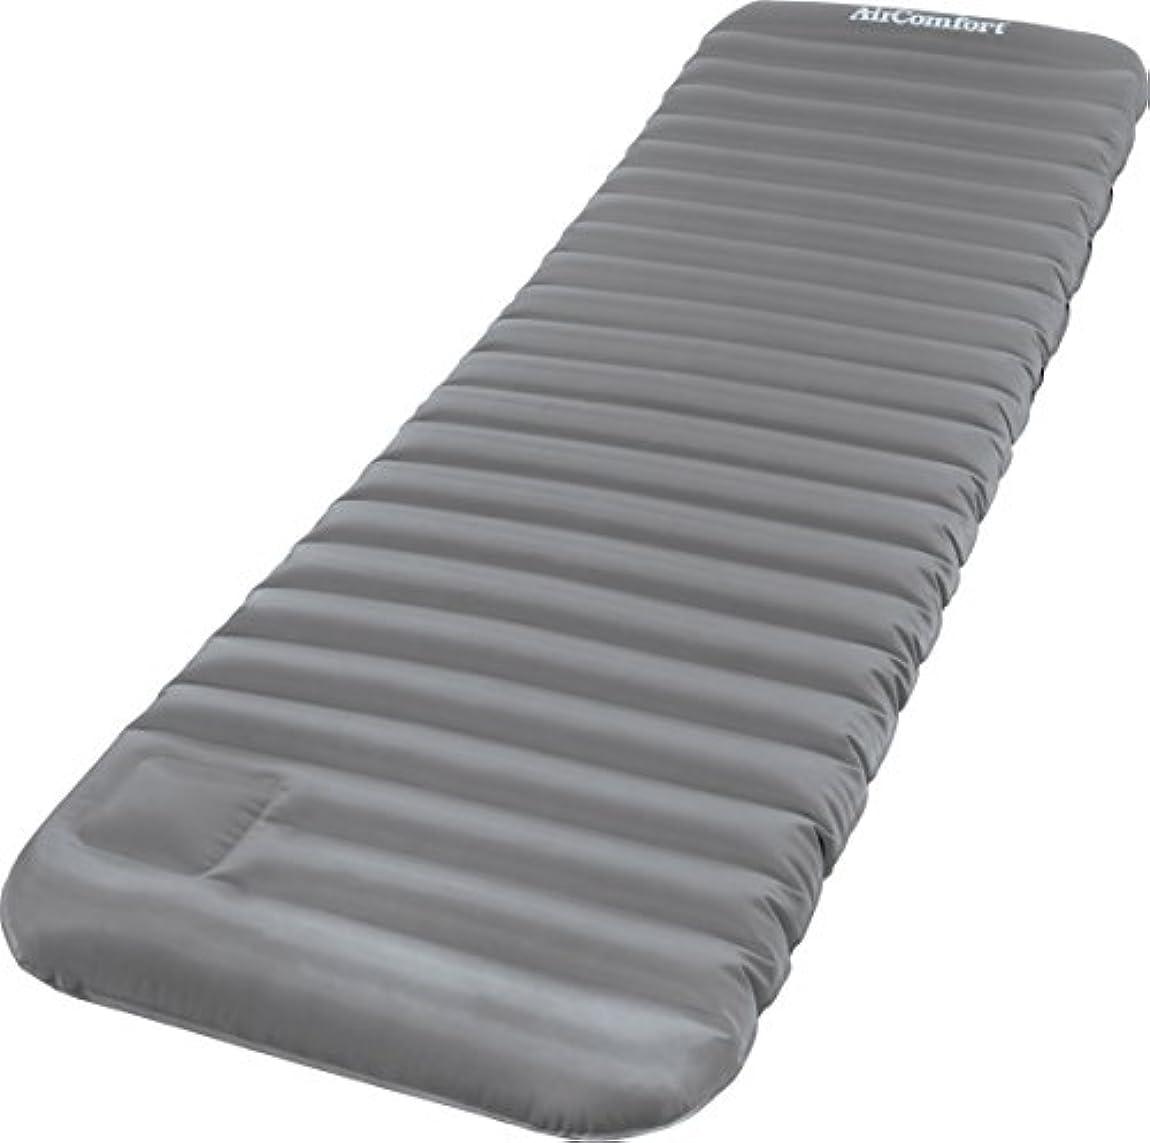 エンドウ店員半島Inflatable Bed Mattress Air Comfort Roll and Go Inflatable Sleeping Pad, Large, Grey